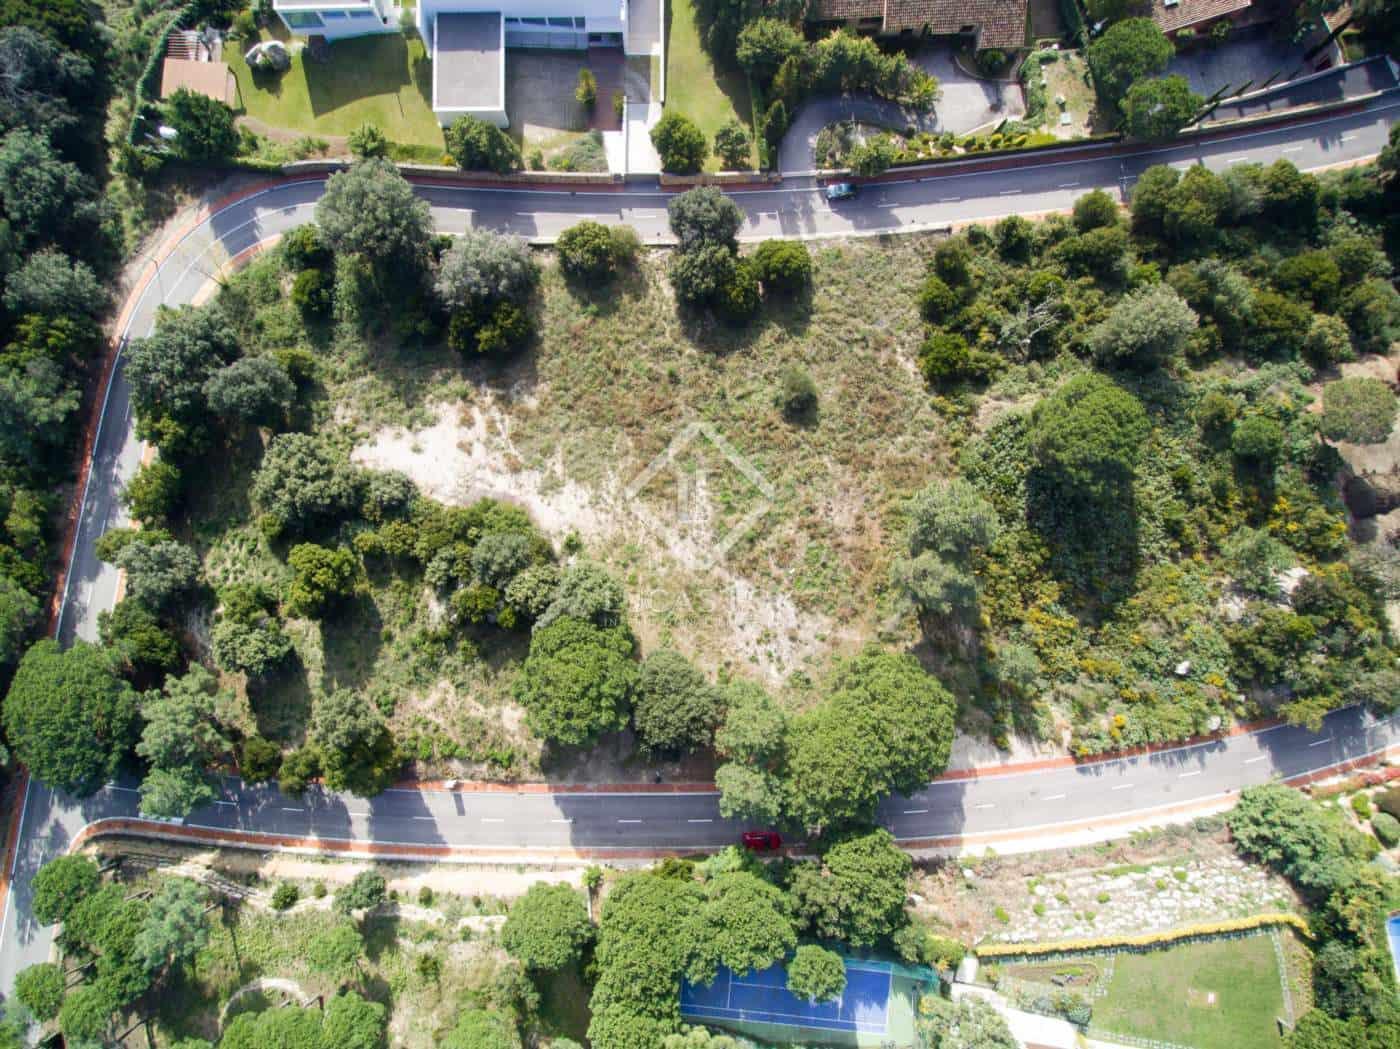 Terrain à Bâtir à vendre à Sant Andreu de Llavaneres - 1 300 000 € (Ref: 4339262)